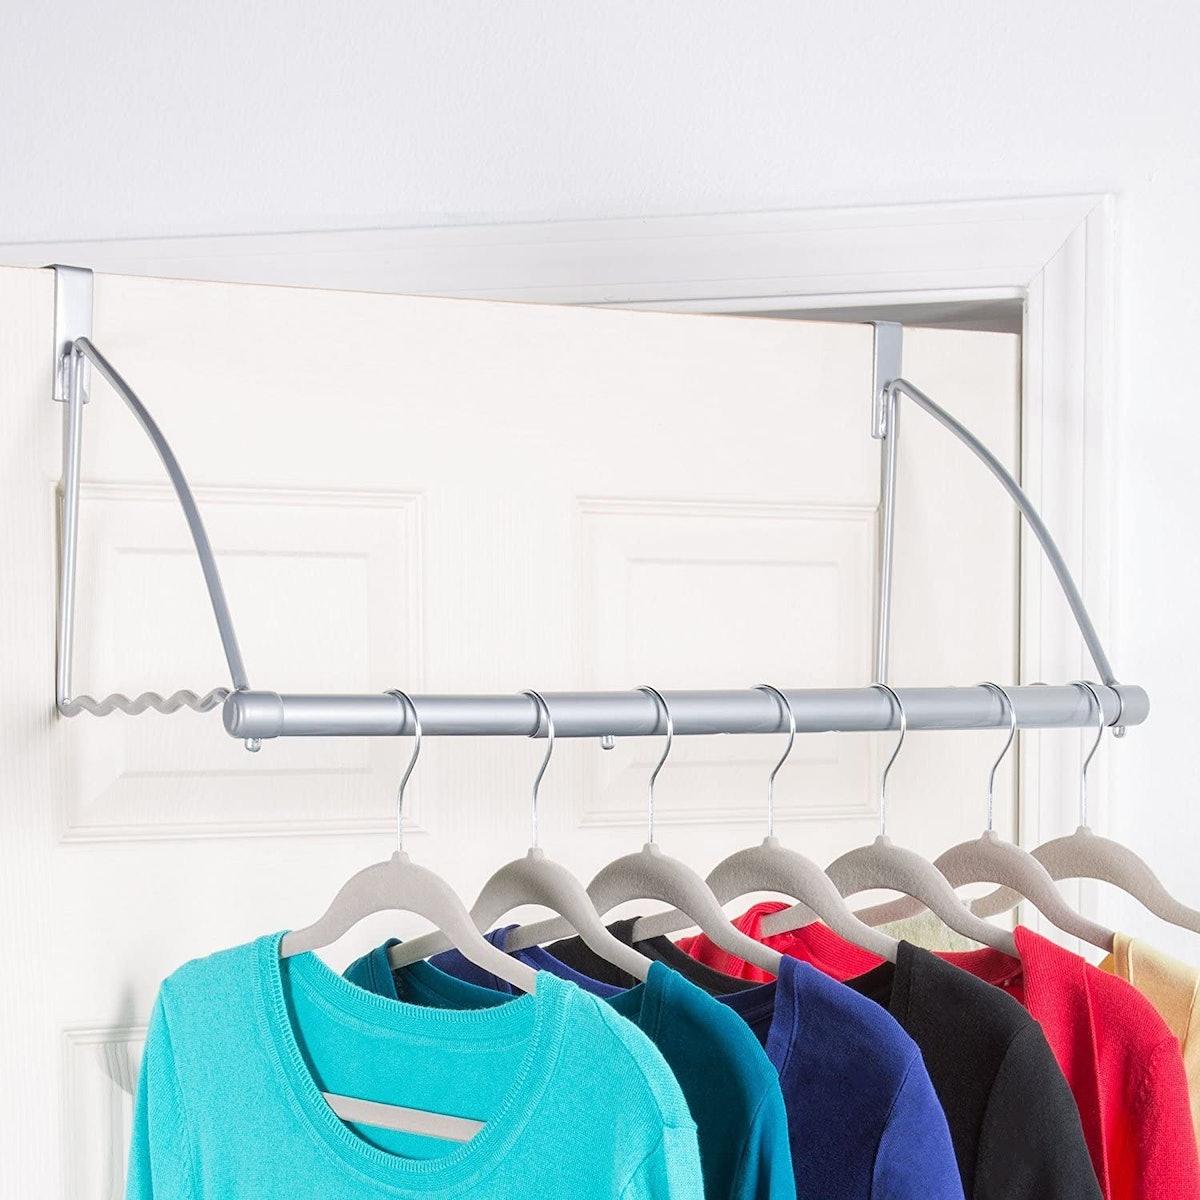 HOLDN' STORAGE Over the Door Closet Rack